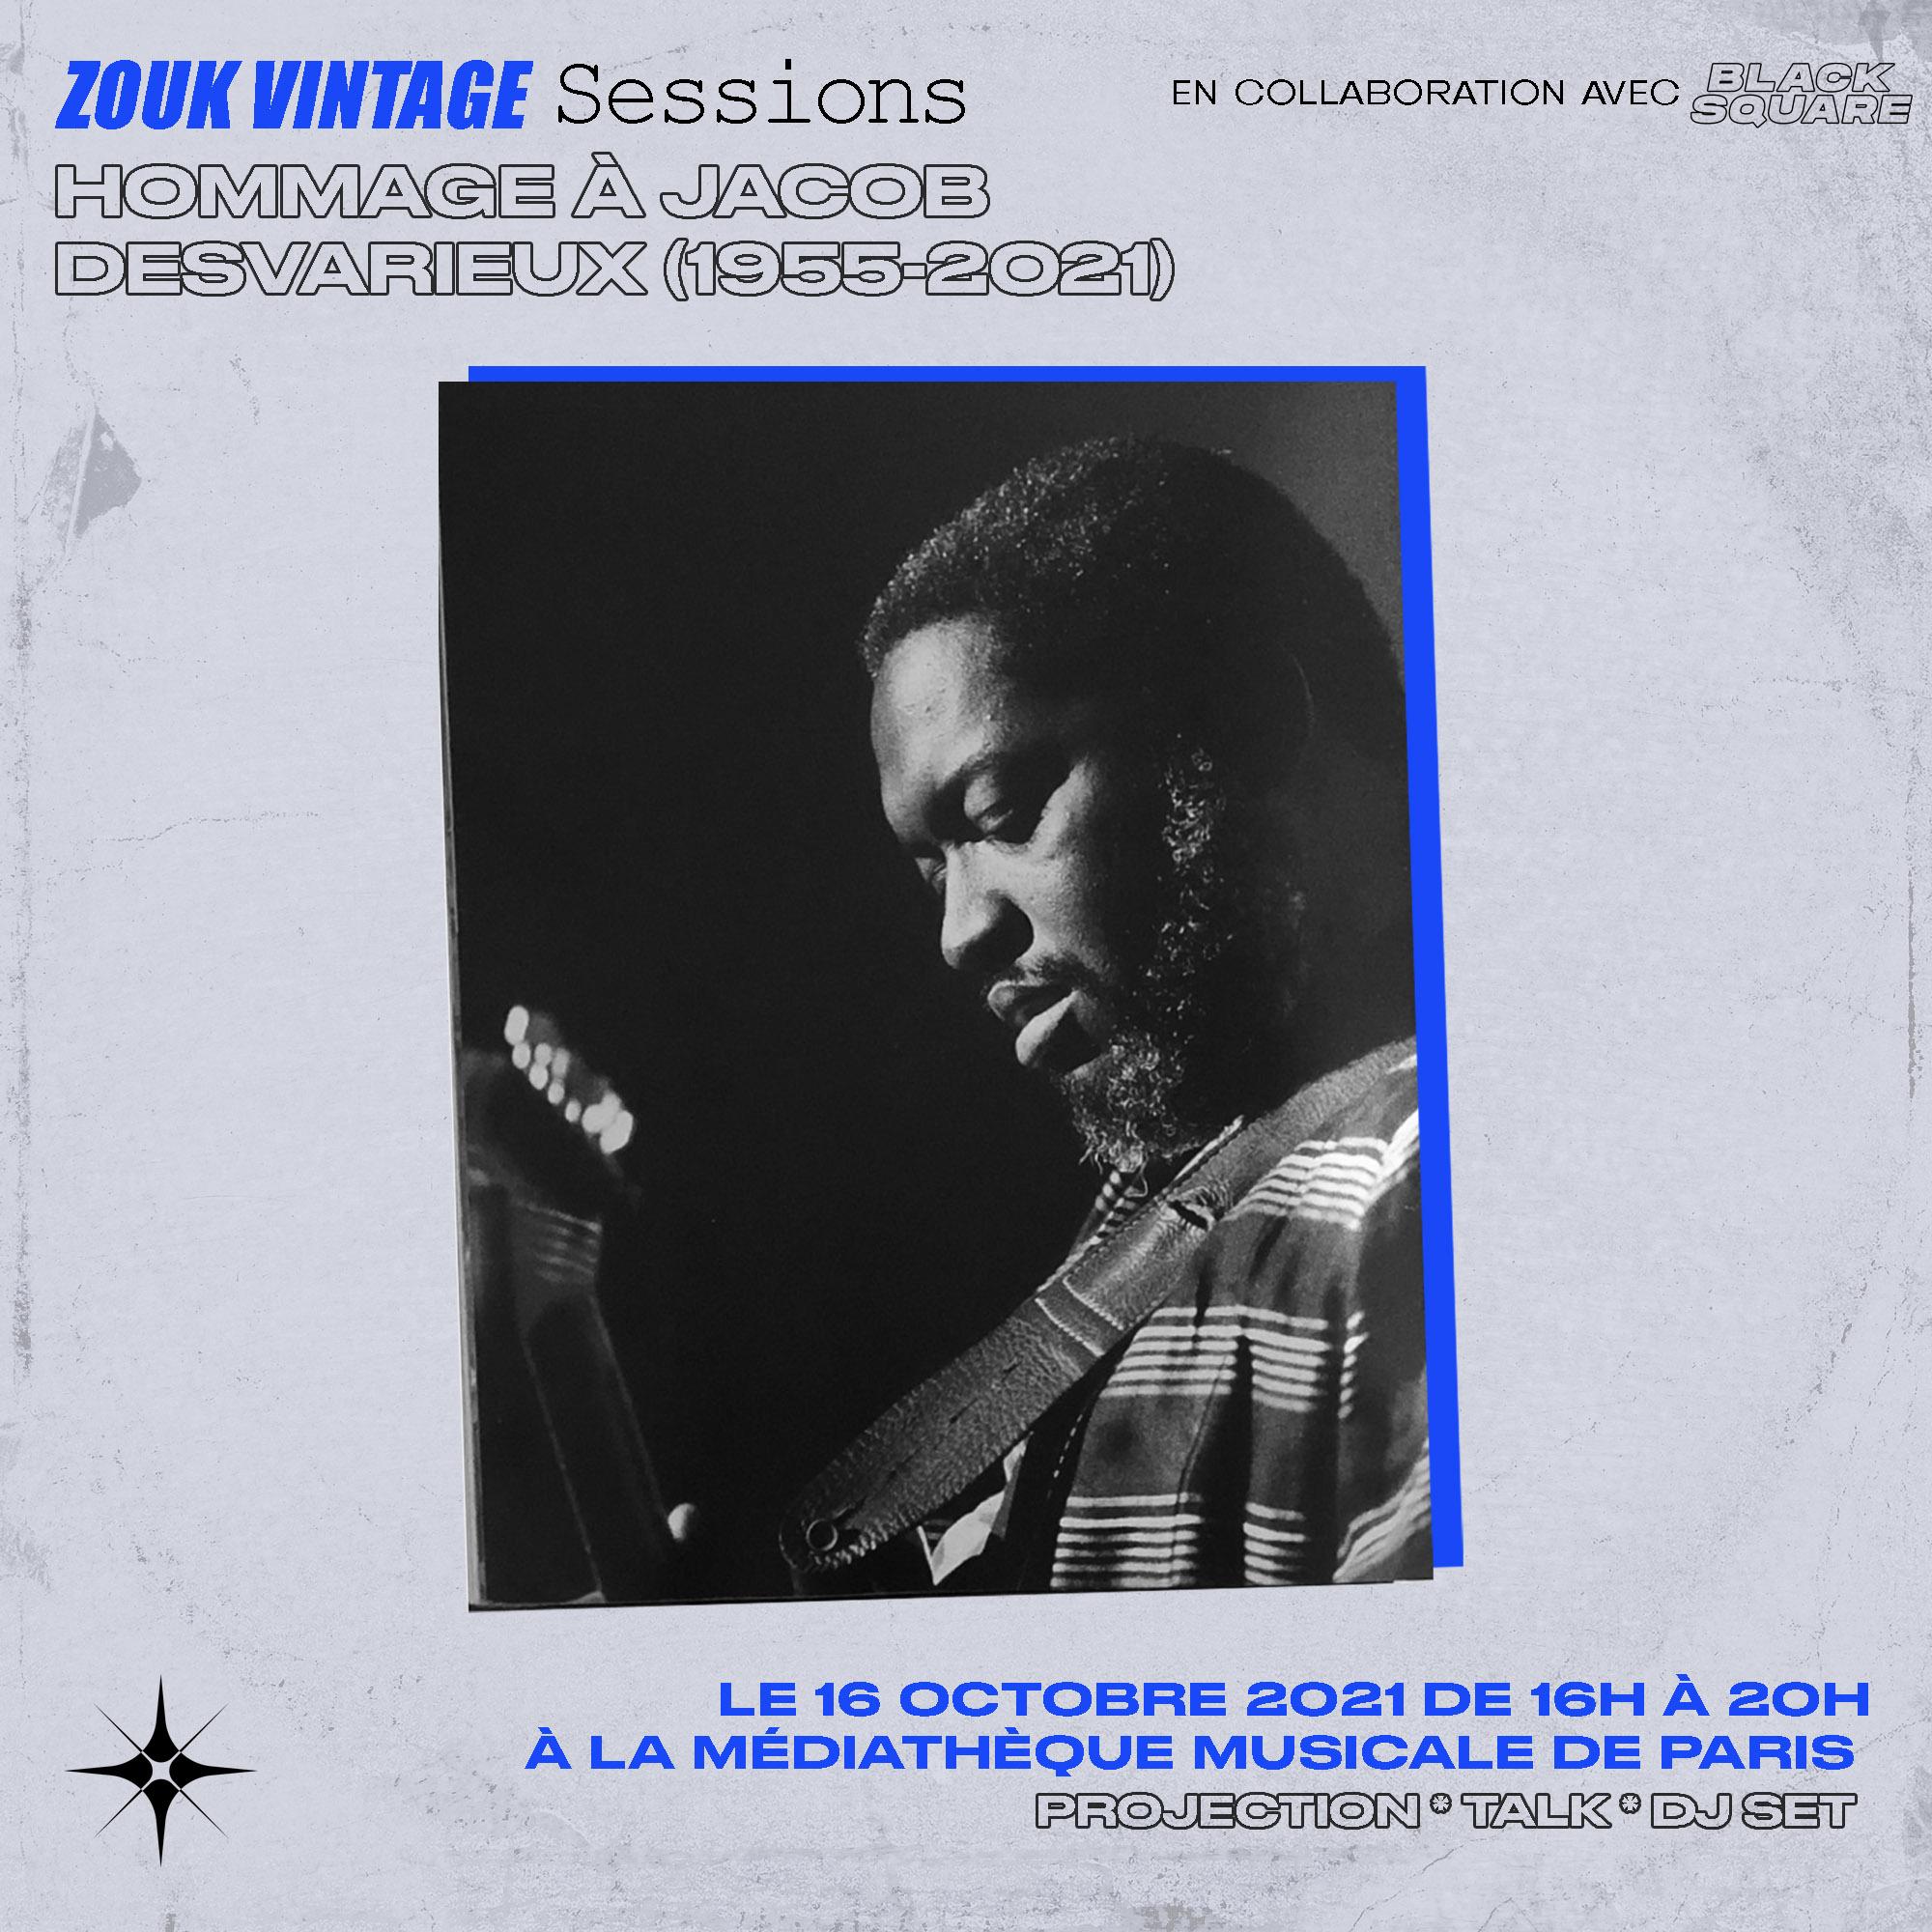 Zouk Vintage Sessions : Hommage à Jacob Desvarieux  